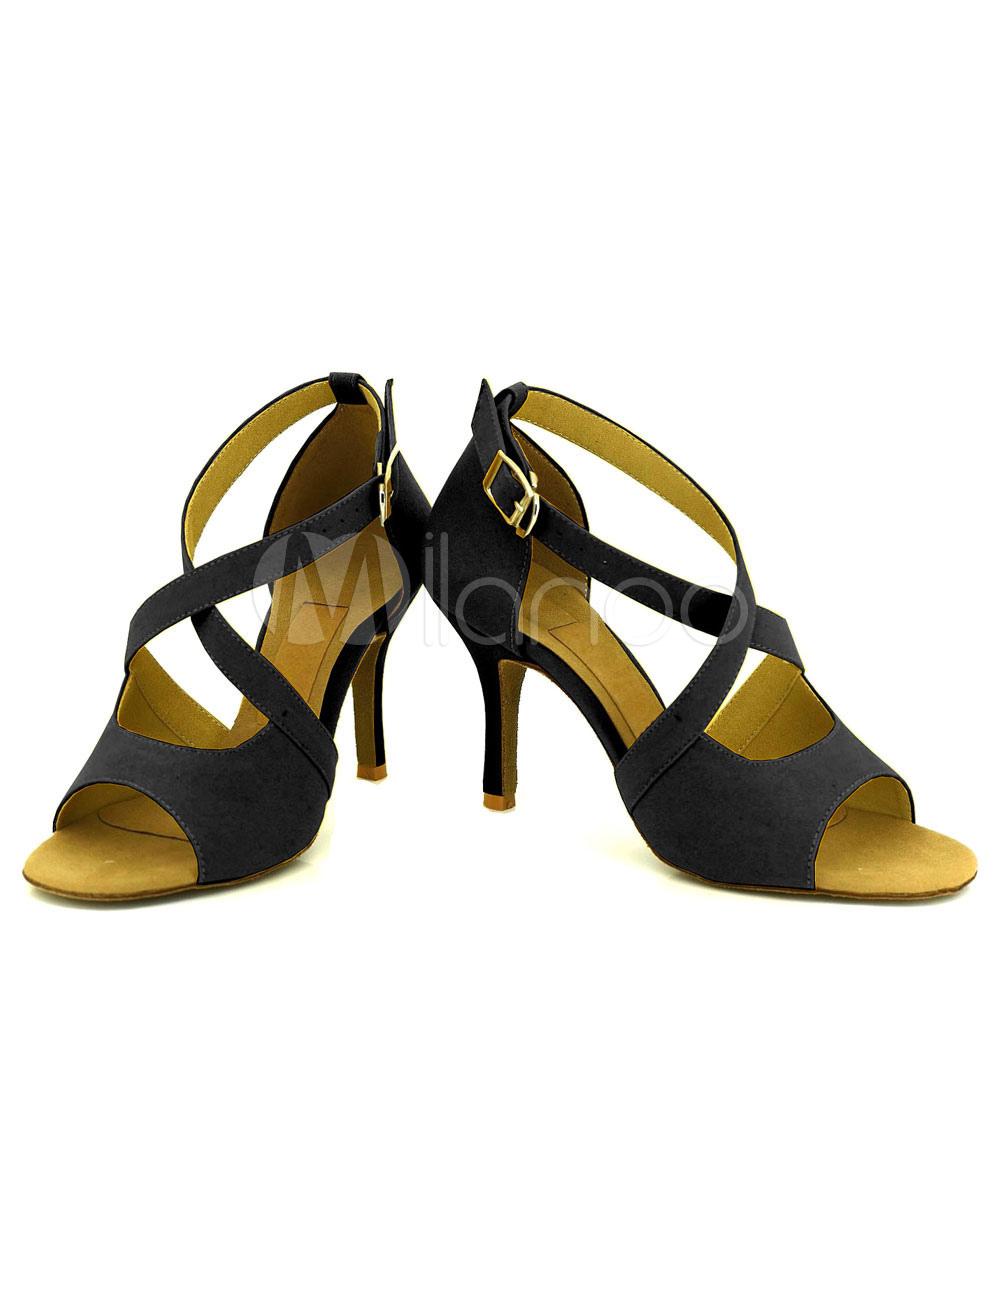 Black Dance Shoes High Heel Women's Criss Cross Open Toe Customized Ballroom Dancing Shoes